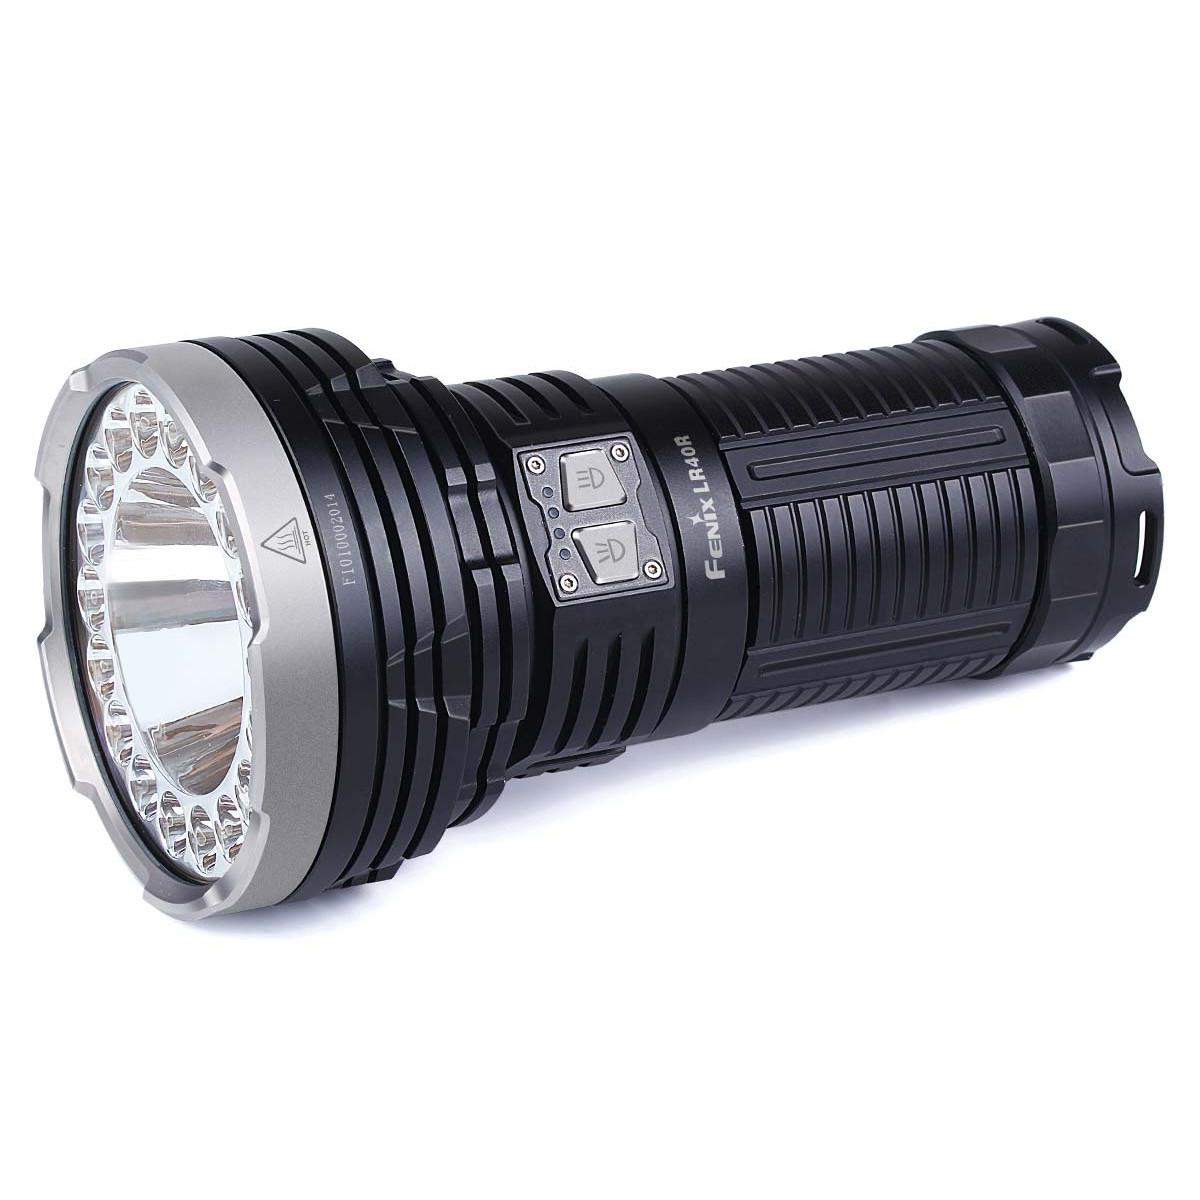 Đèn pin Fenix - LR40R - Mức sáng 12000 Lumens